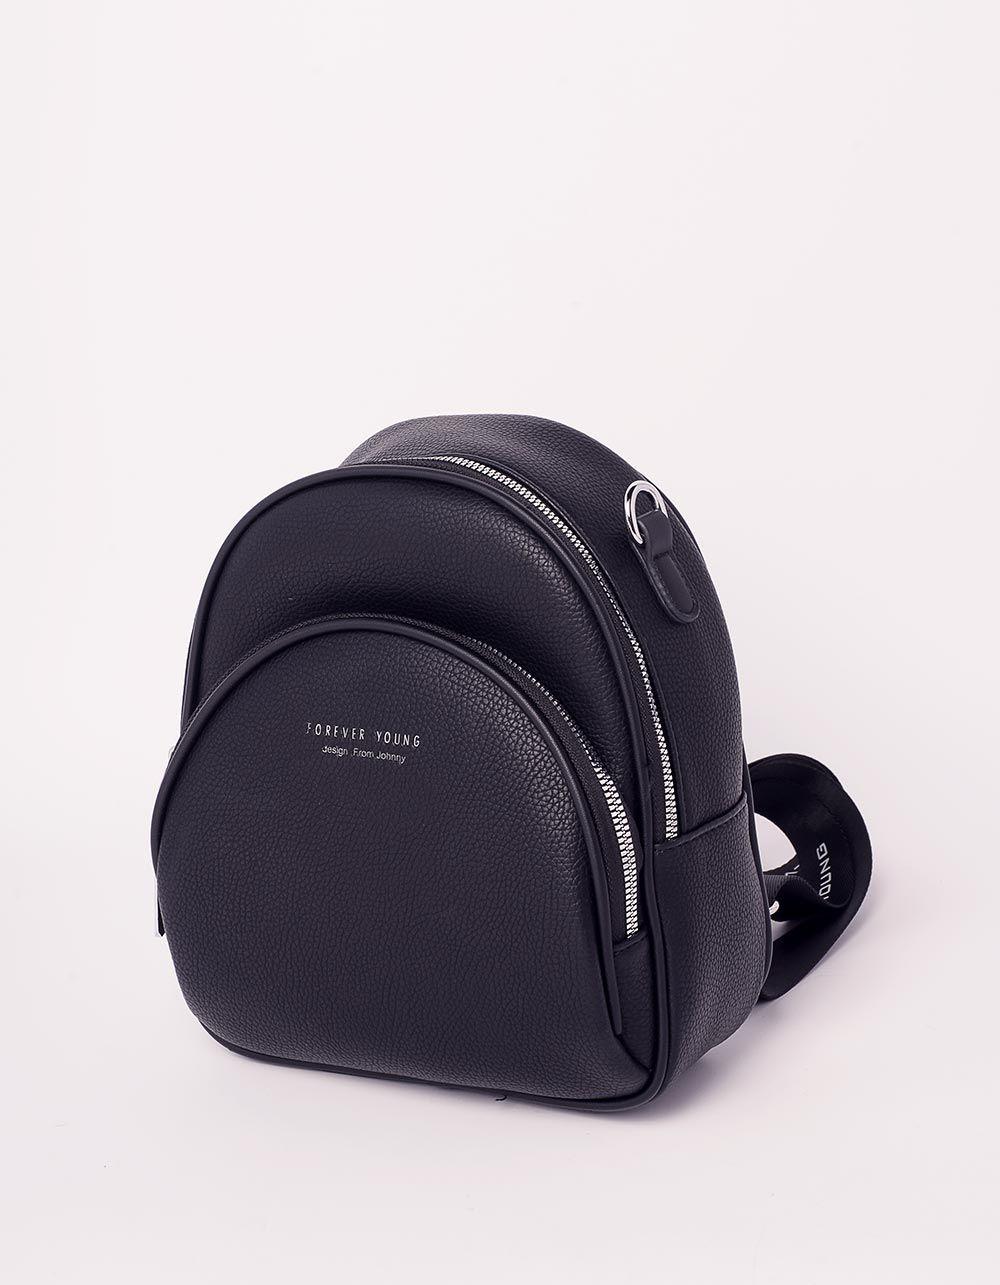 Рюкзак трансформер малеький з кишенею | 238959-02-XX